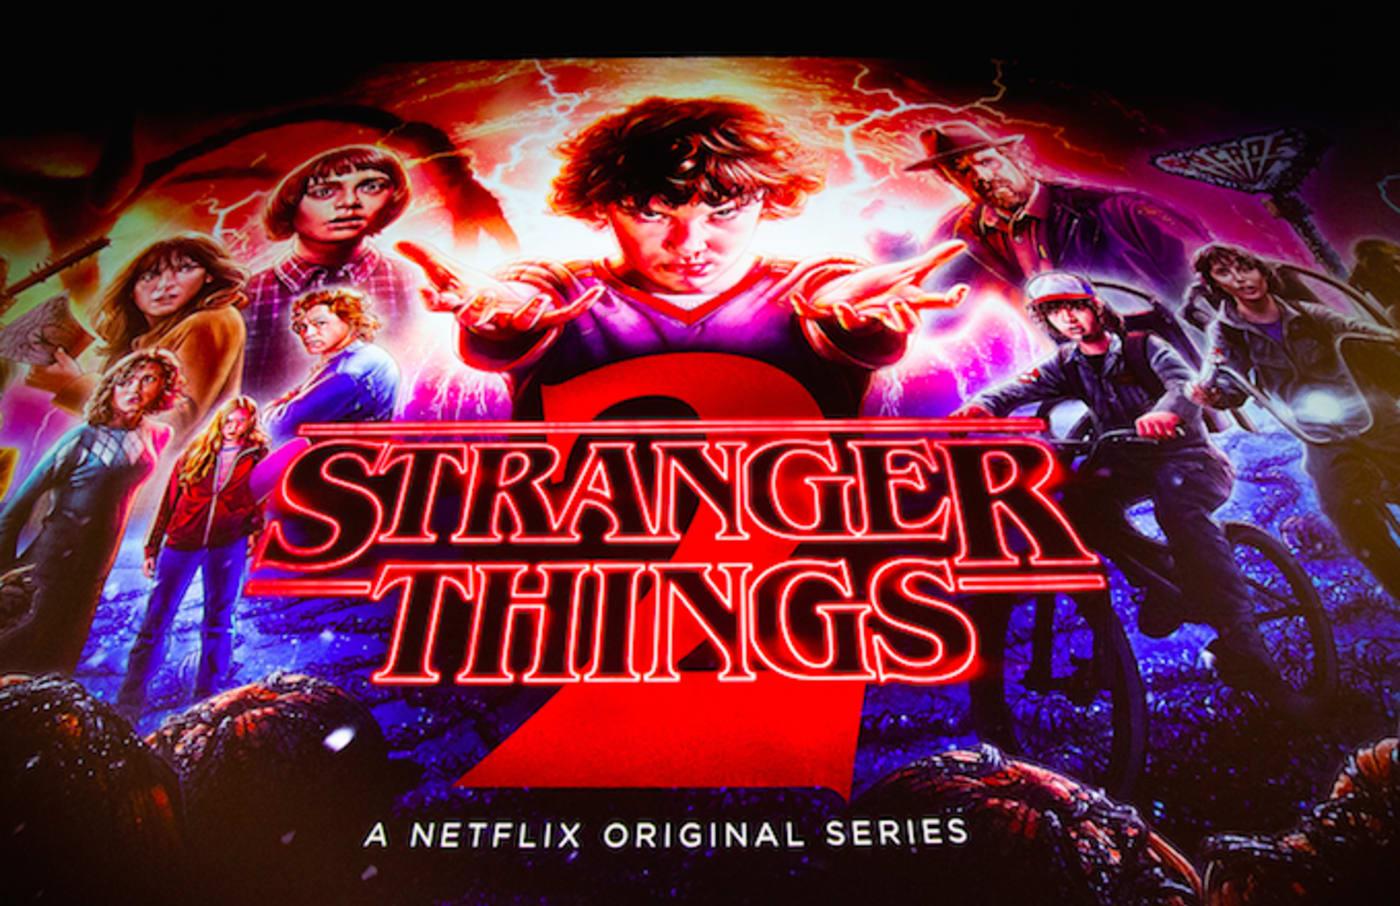 'Stranger Things'